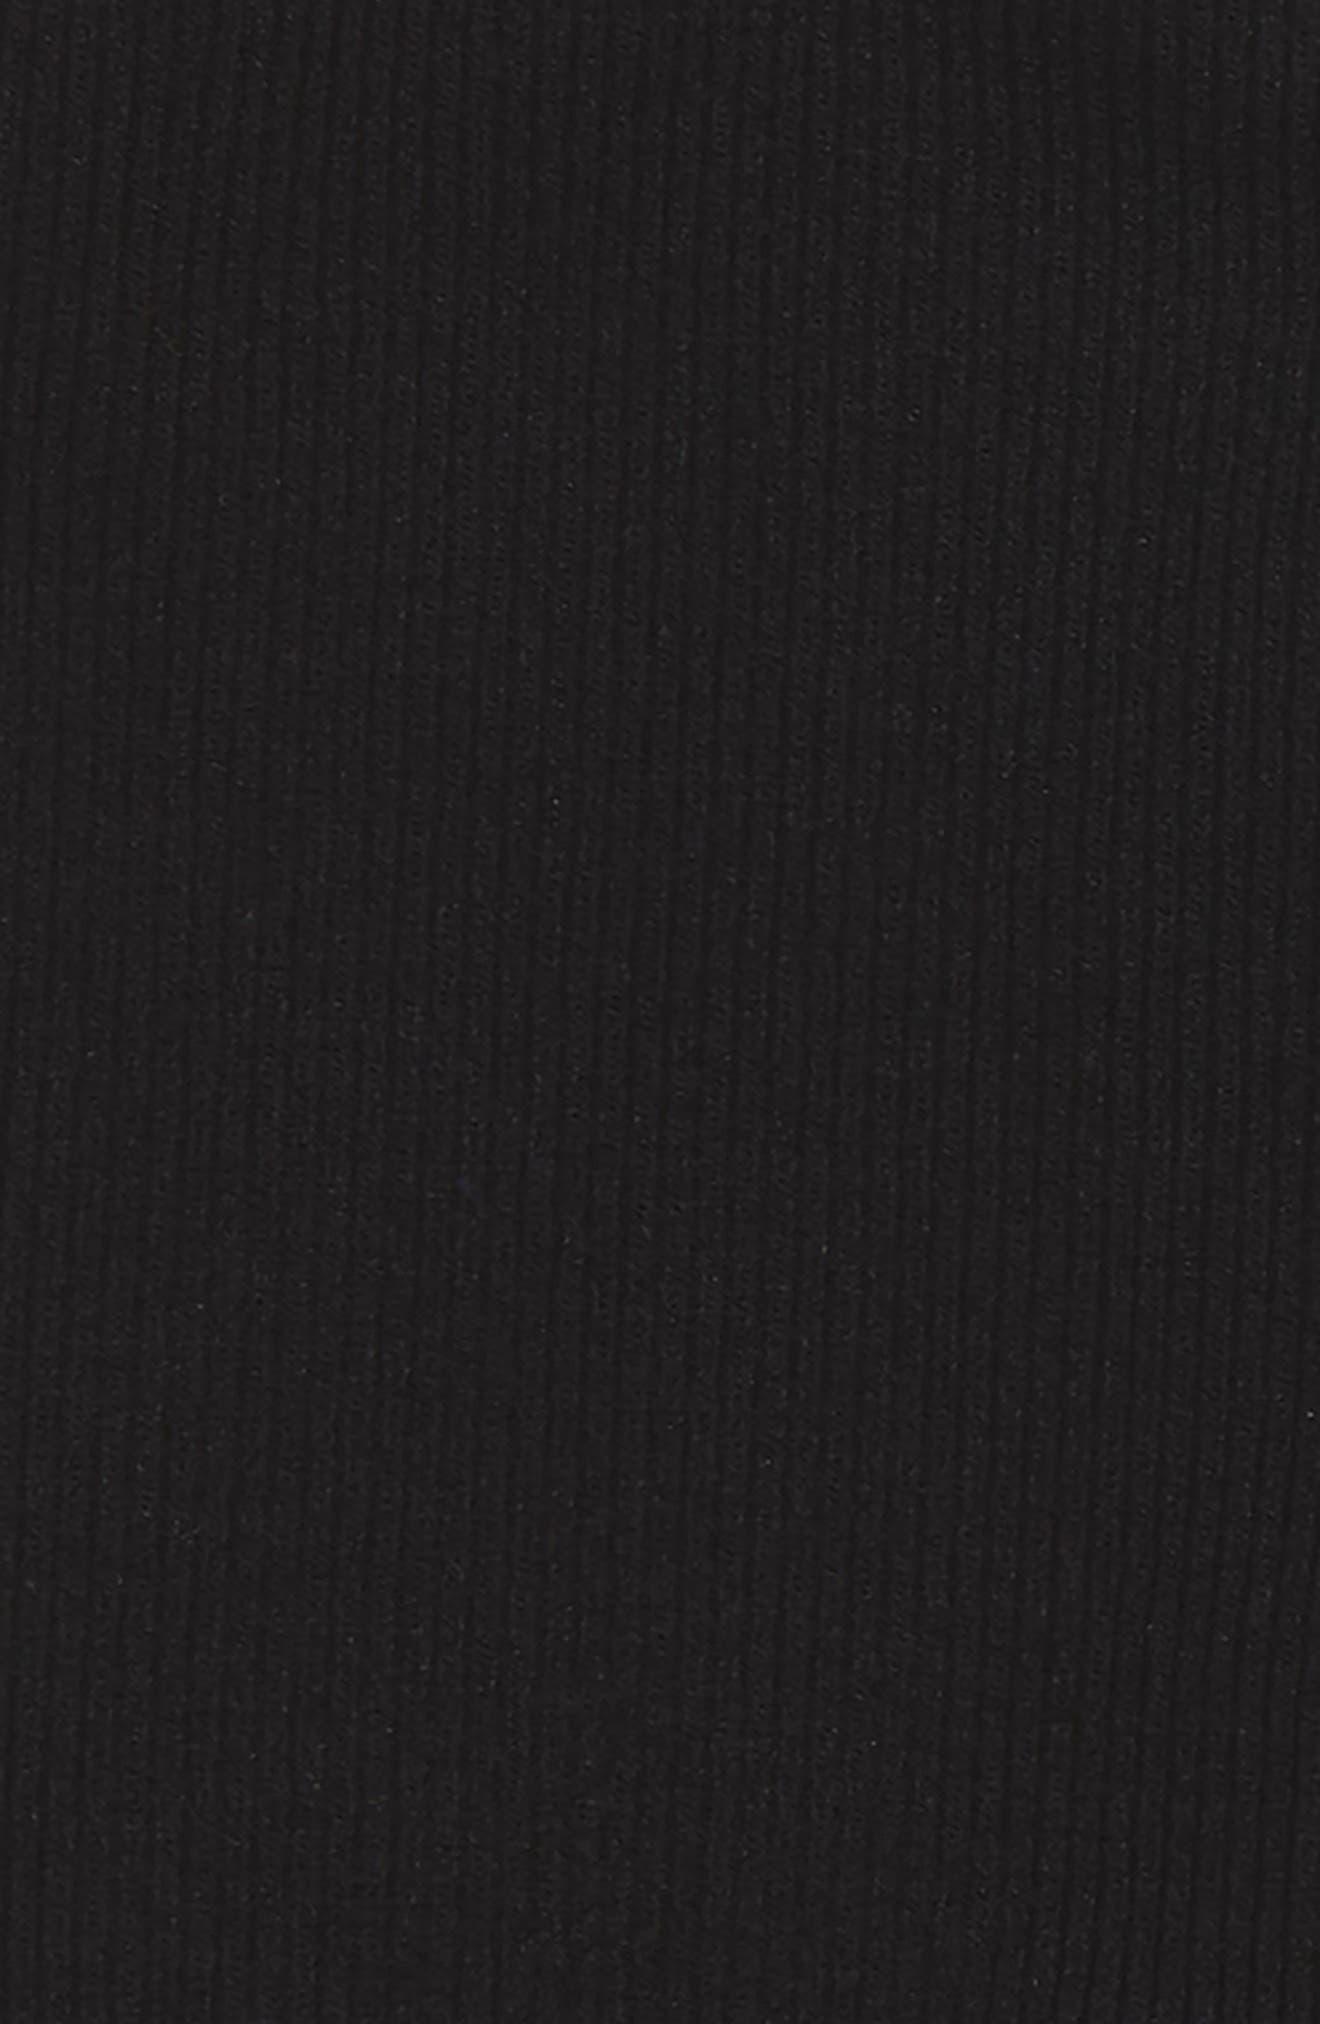 Criss Cross Bandeau Bralette,                         Main,                         color, 001